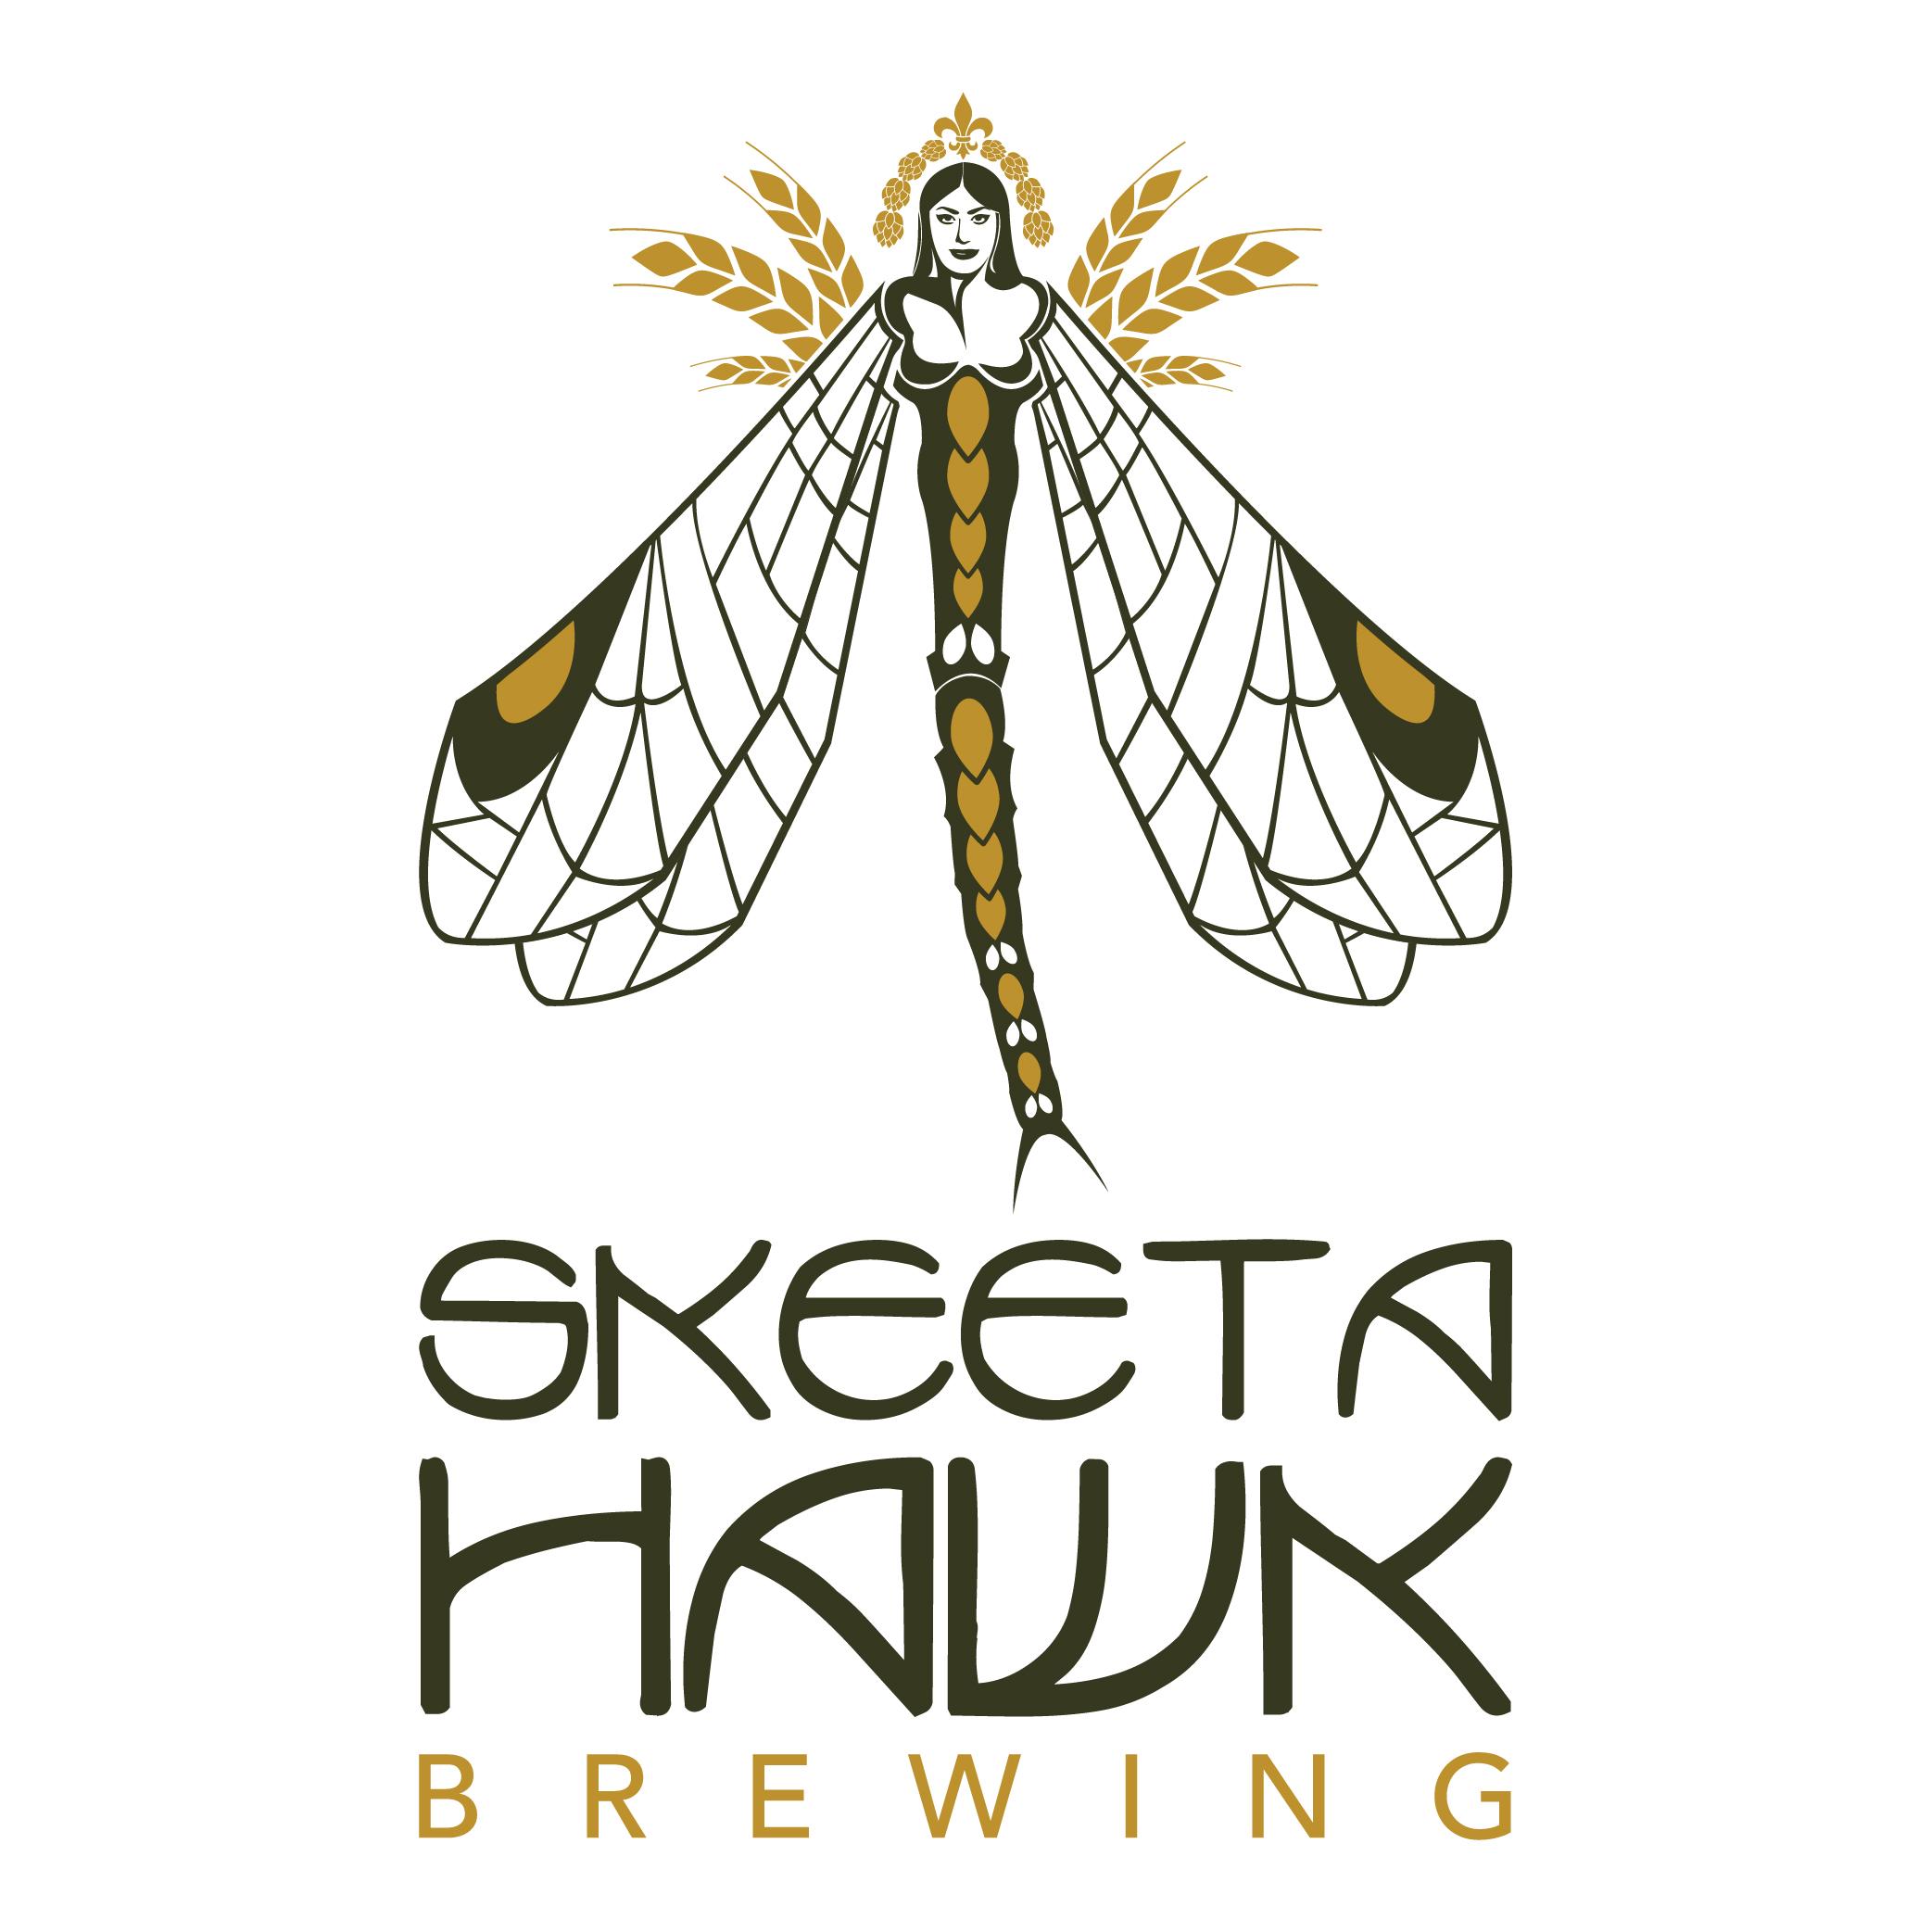 Skeeta Hawk Brewing